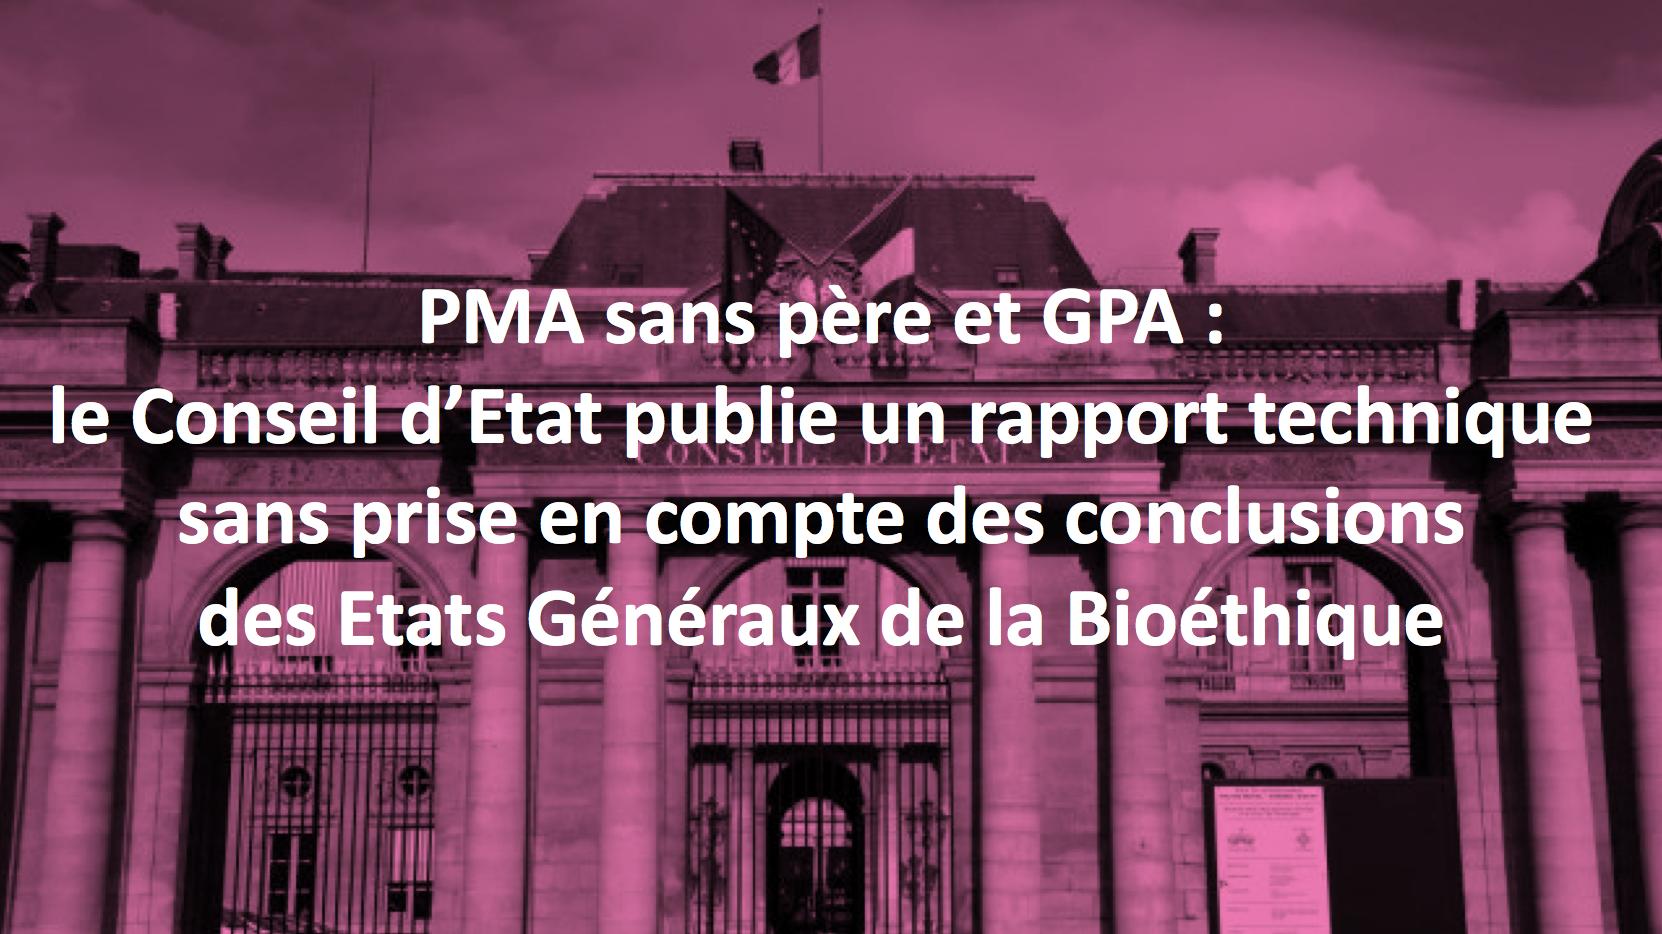 """Image - Communiqué de presse : """"PMA sans père et GPA: le Conseil d'Etat publie un rapport technique  sans prise en compte des conclusions des Etats Généraux de la Bioéthique"""""""